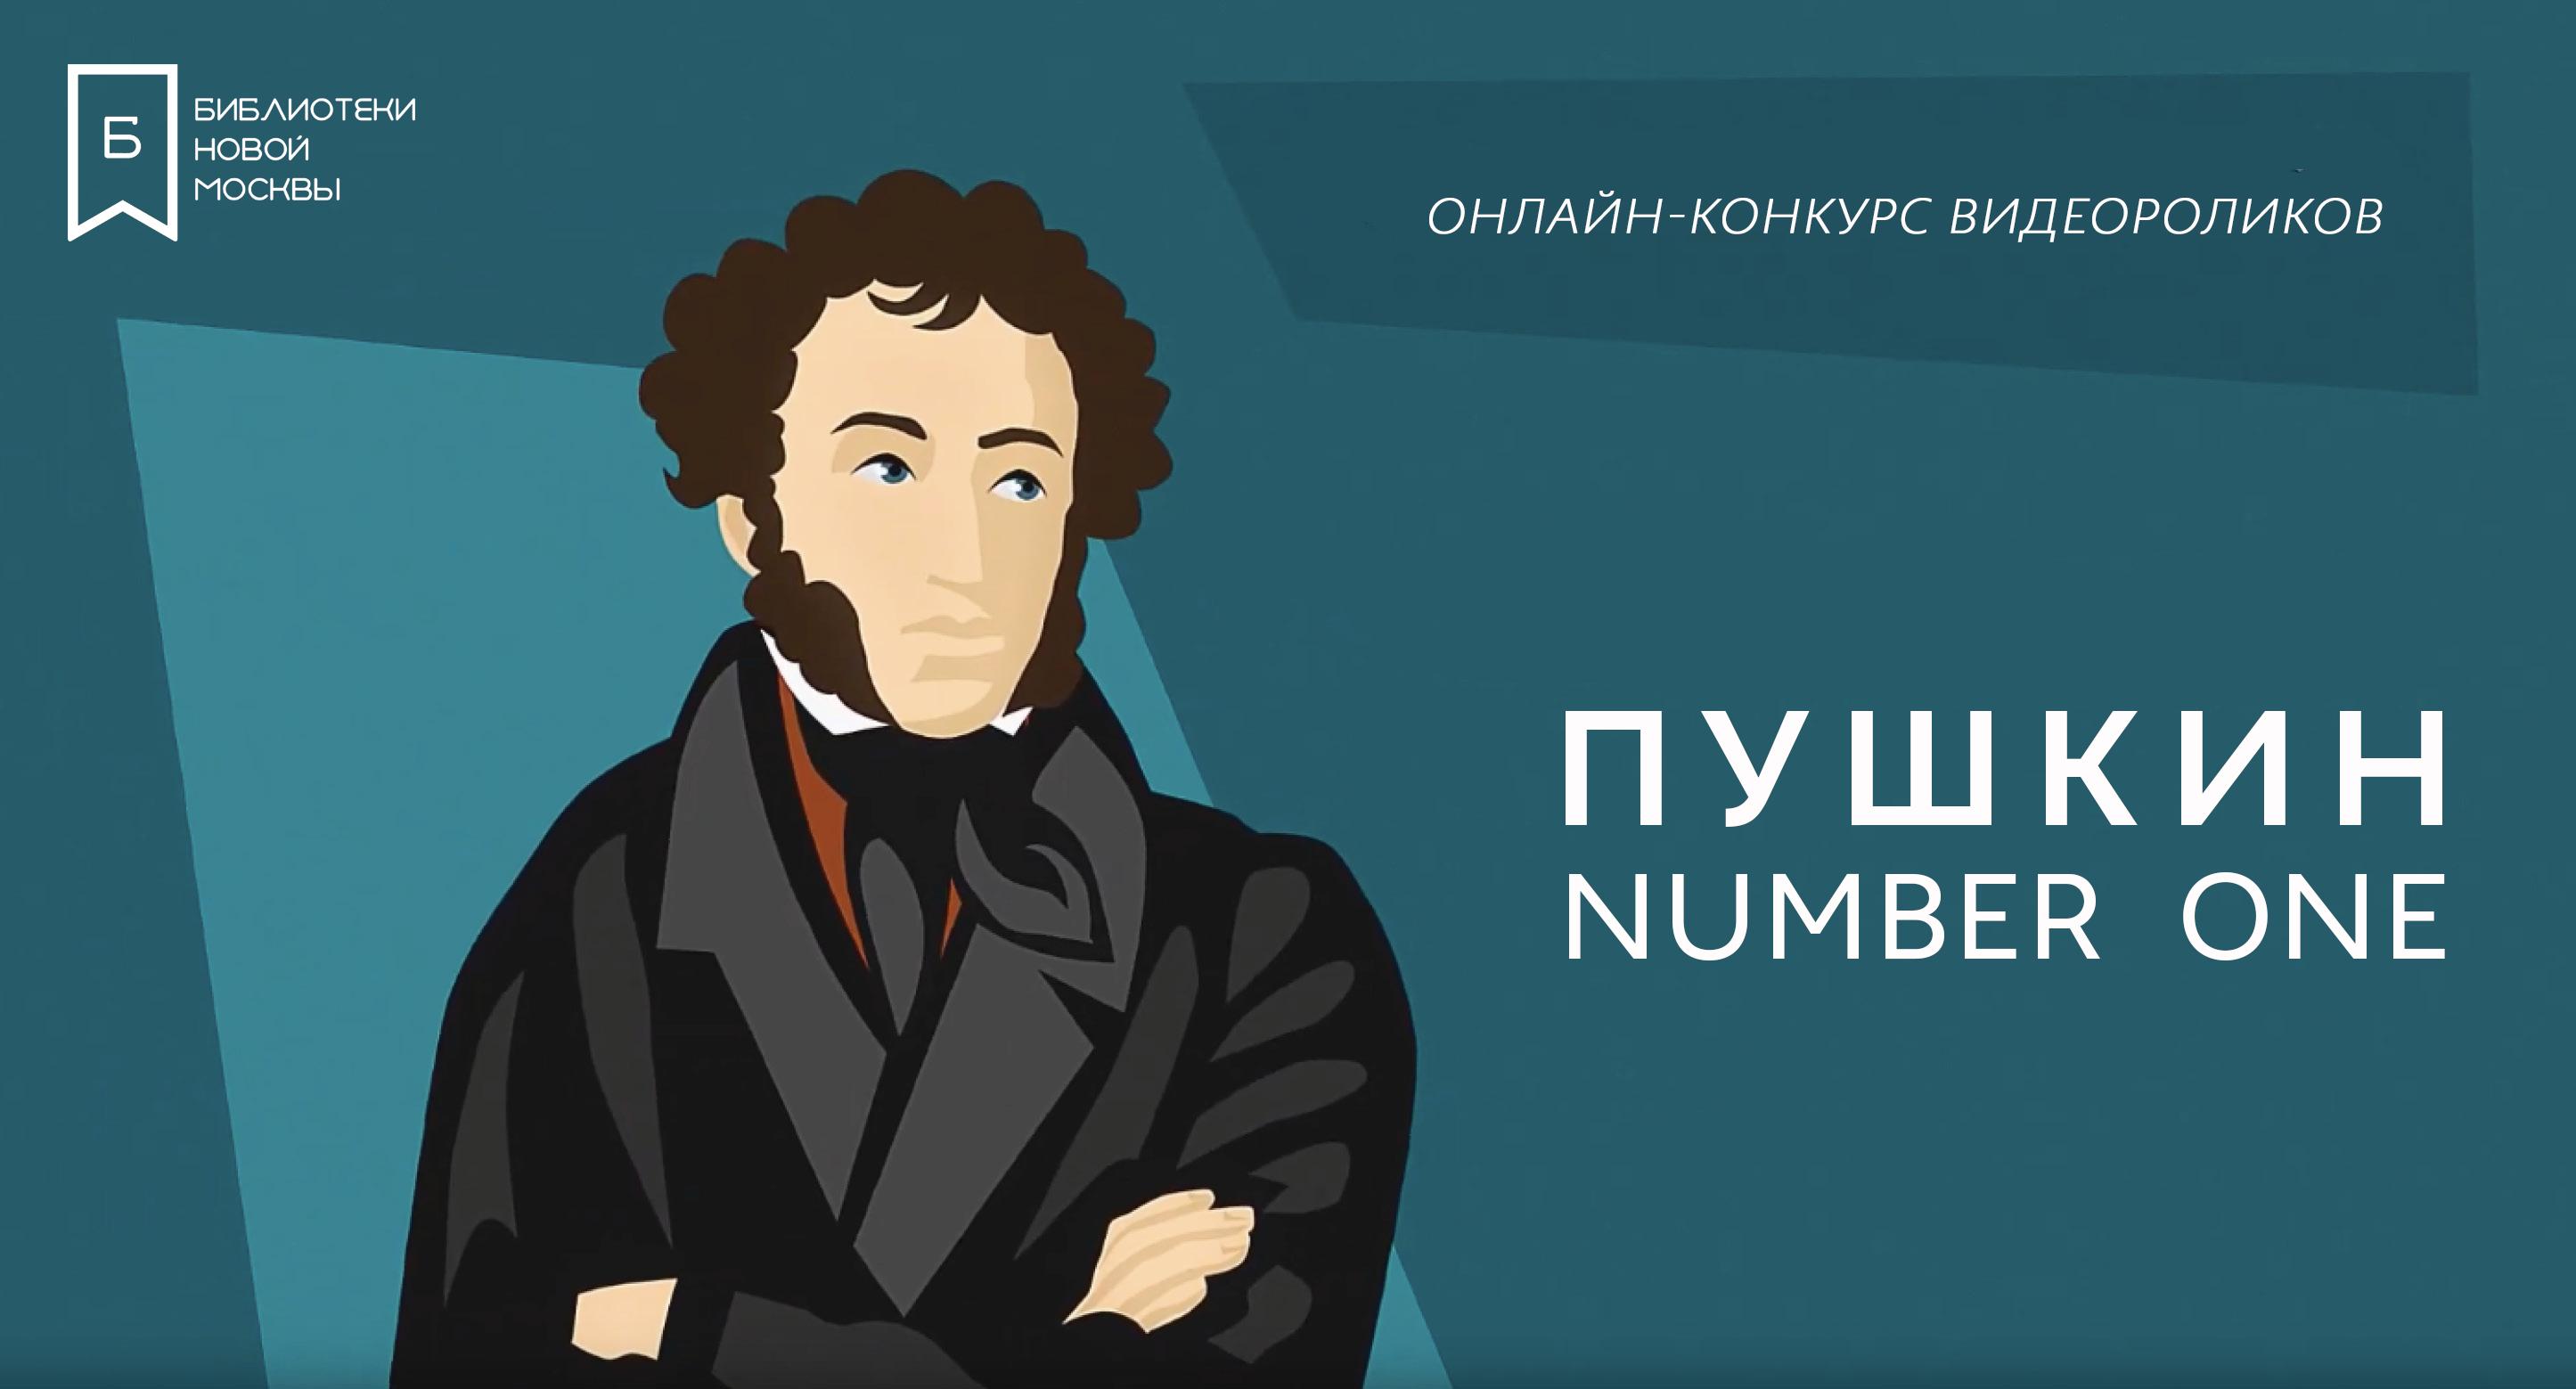 Пушкин Number One